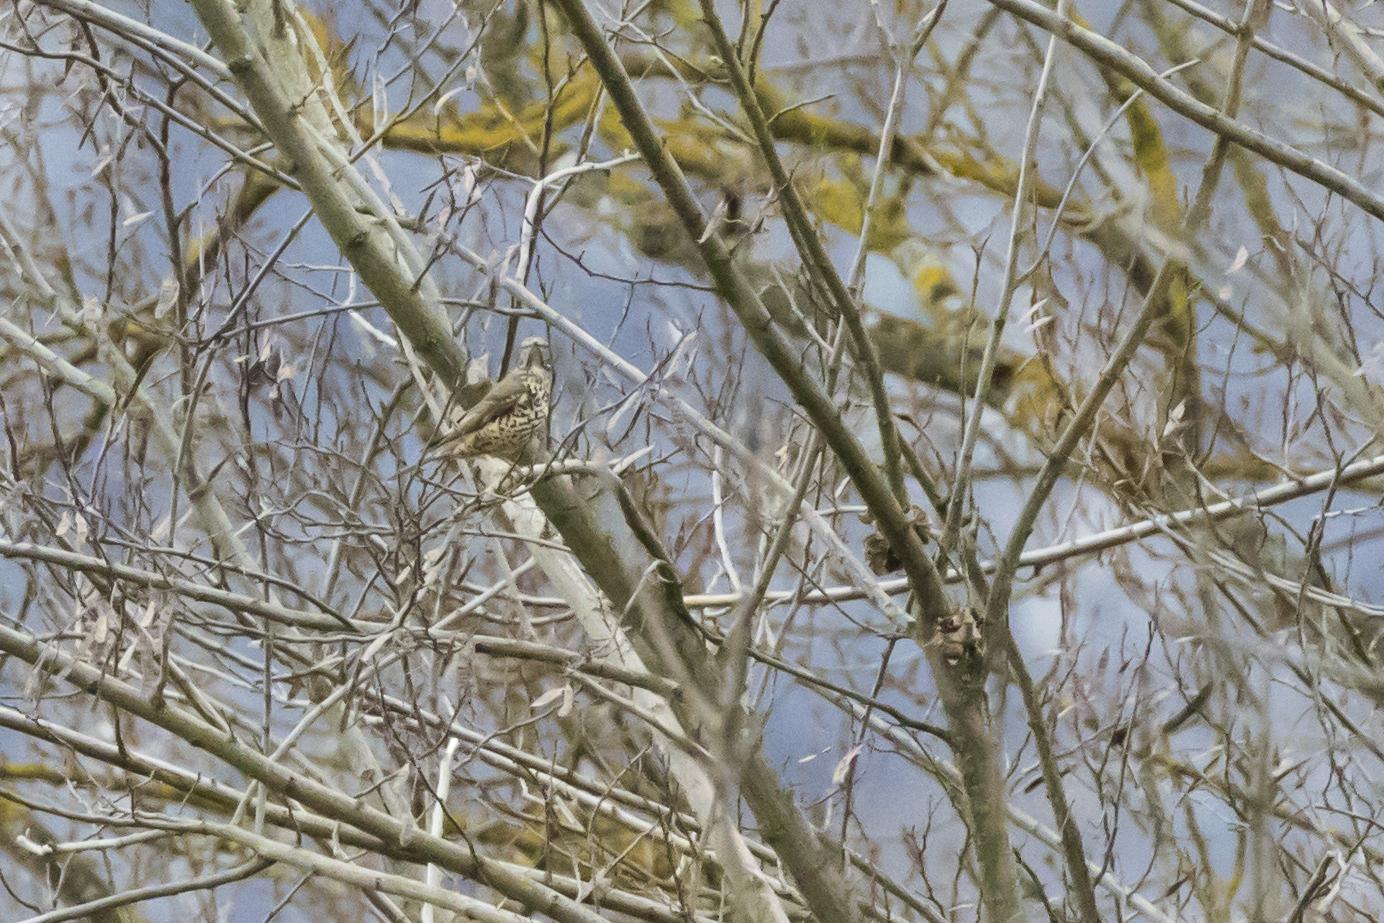 Mistle Thrush (Turdus viscivorus) in Gaillard, France. February 2016. Not baited. Not called in.